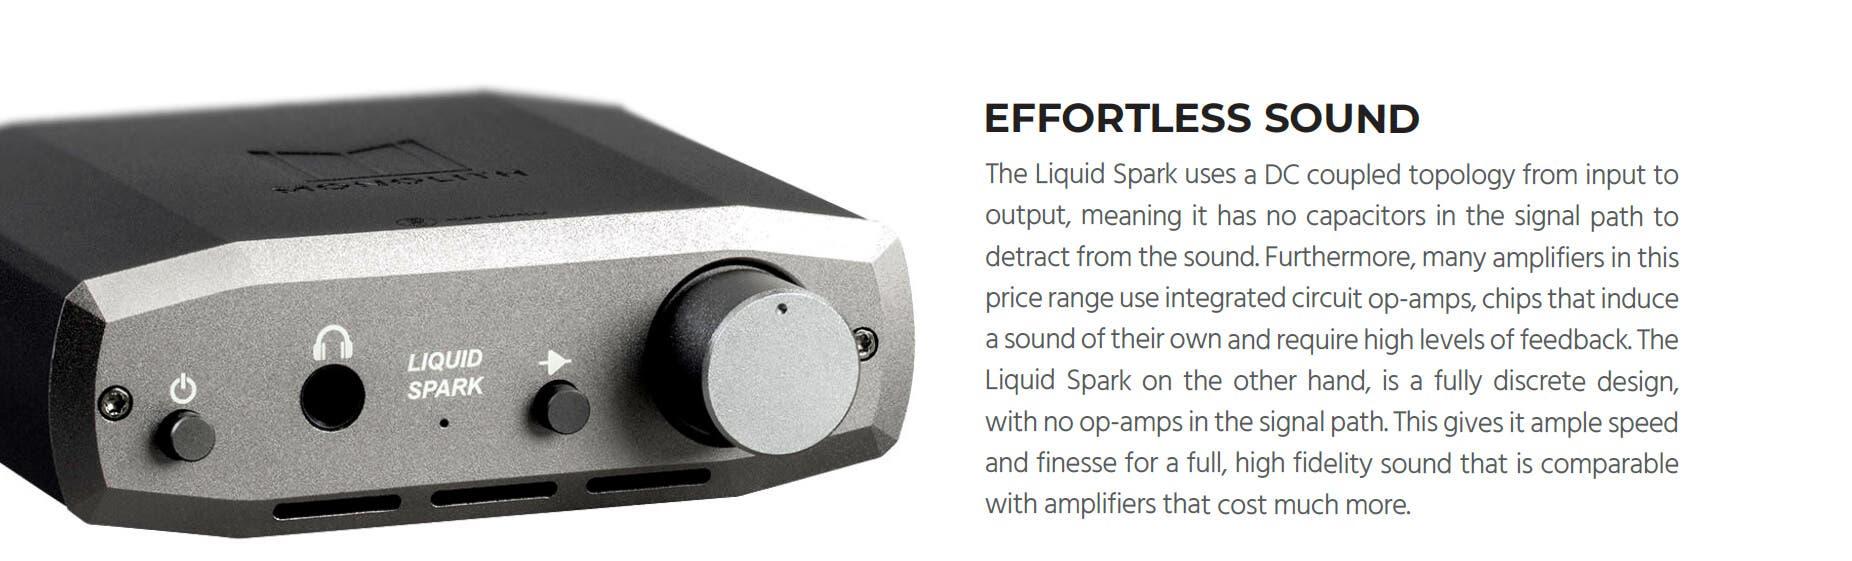 Liquid Spark